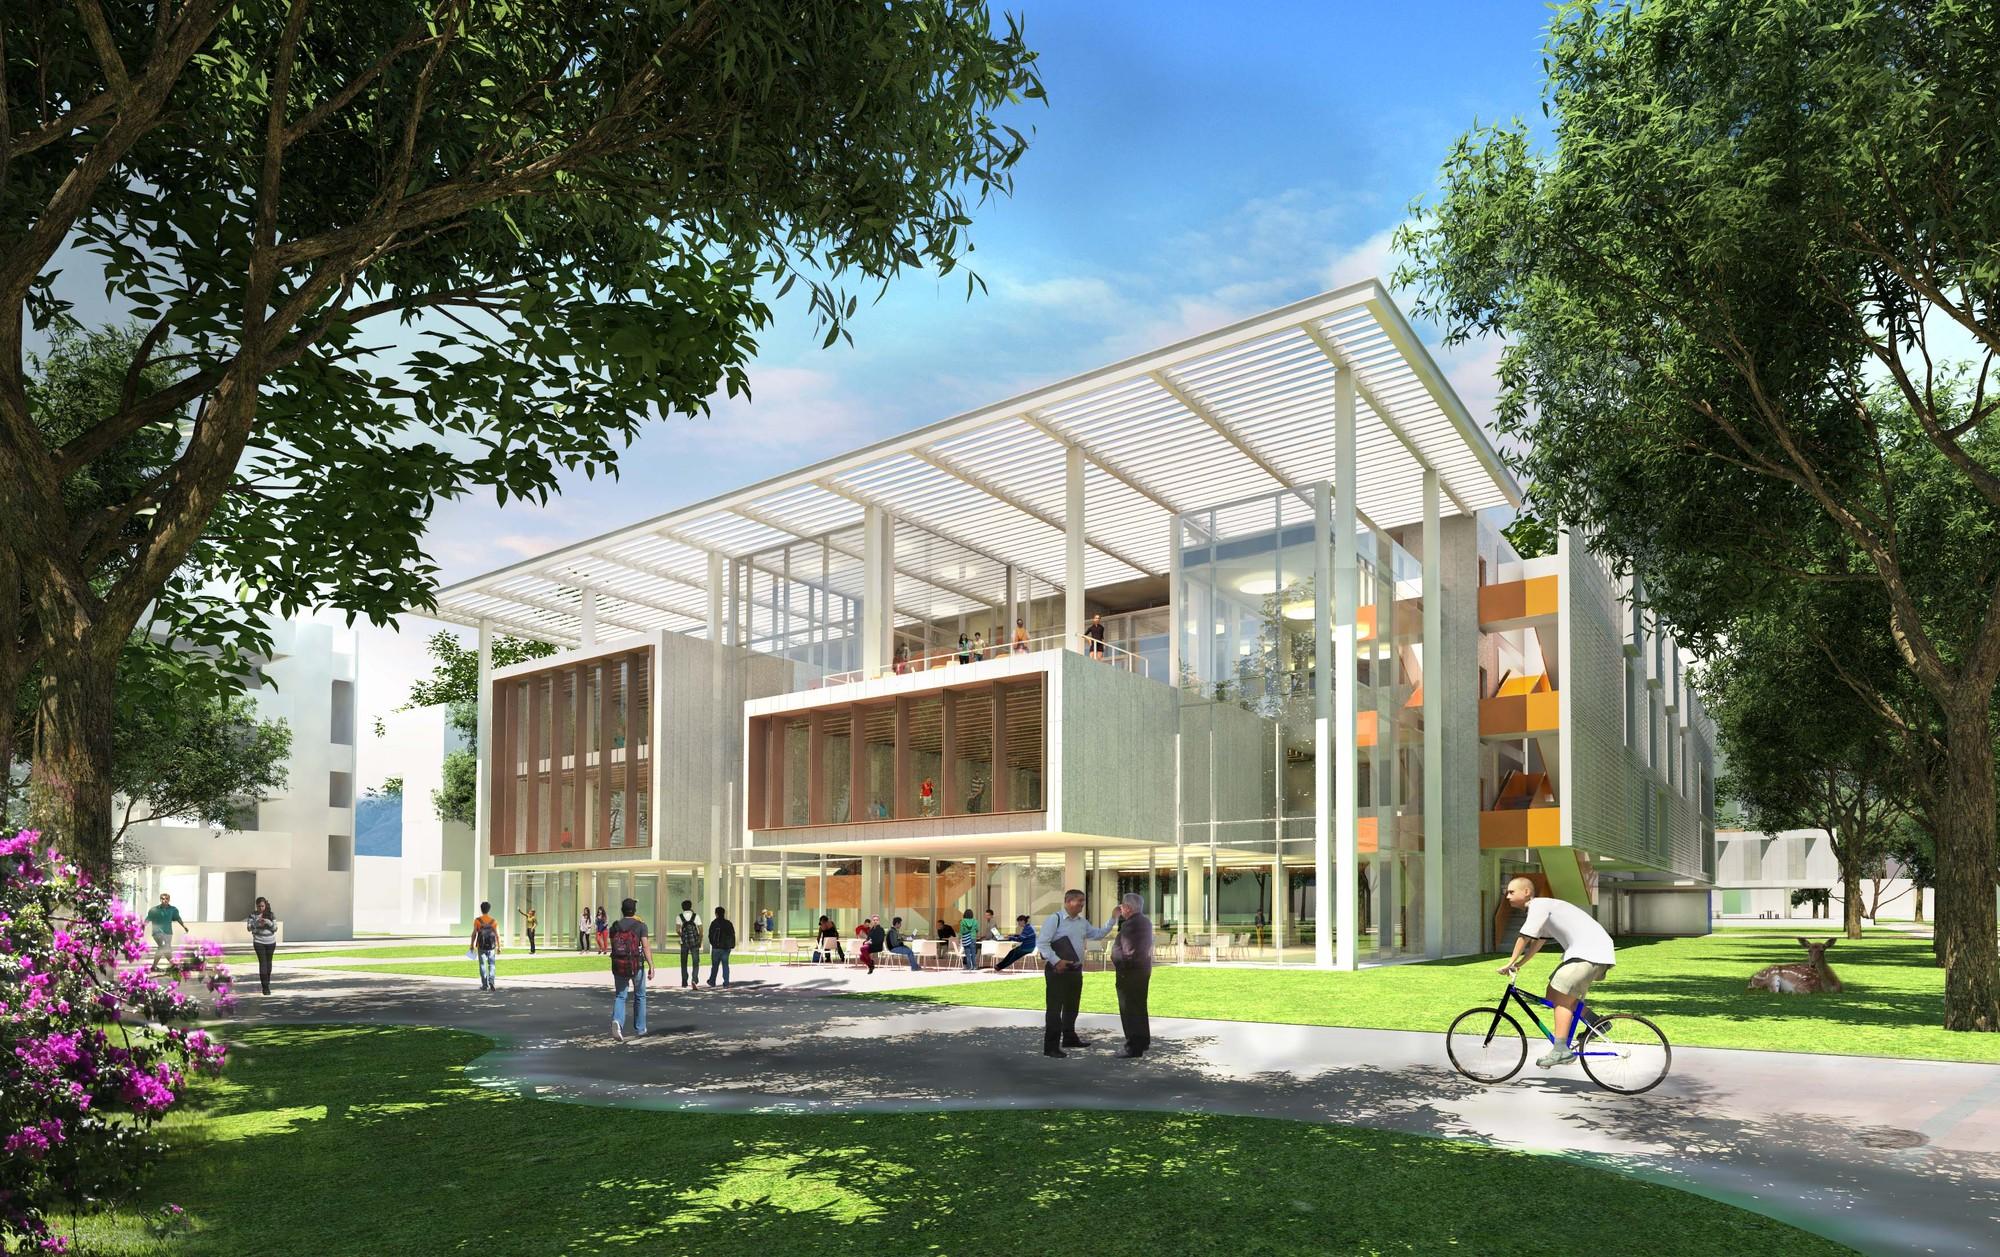 Proyecto Distrito Tec del Tecnológico de Monterrey, Biblioteca. Image Courtesy of Centro de Prensa del Tecnológico de Monterrey